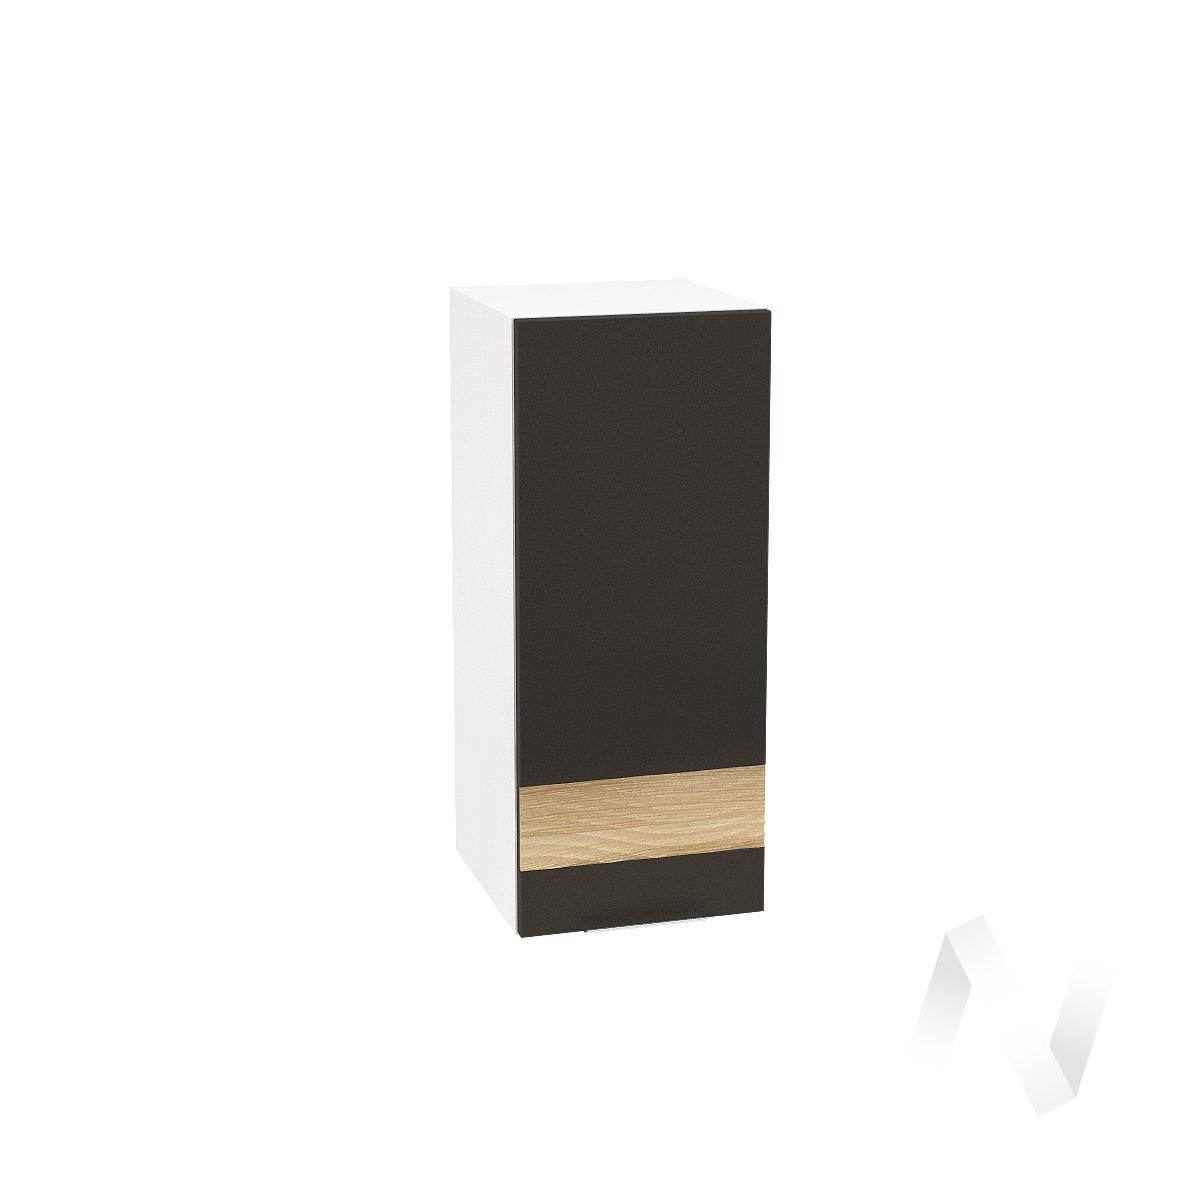 """Кухня """"Терра"""": Шкаф верхний левый 300, ШВ 300 (смоки софт/ель карпатская/корпус белый)"""